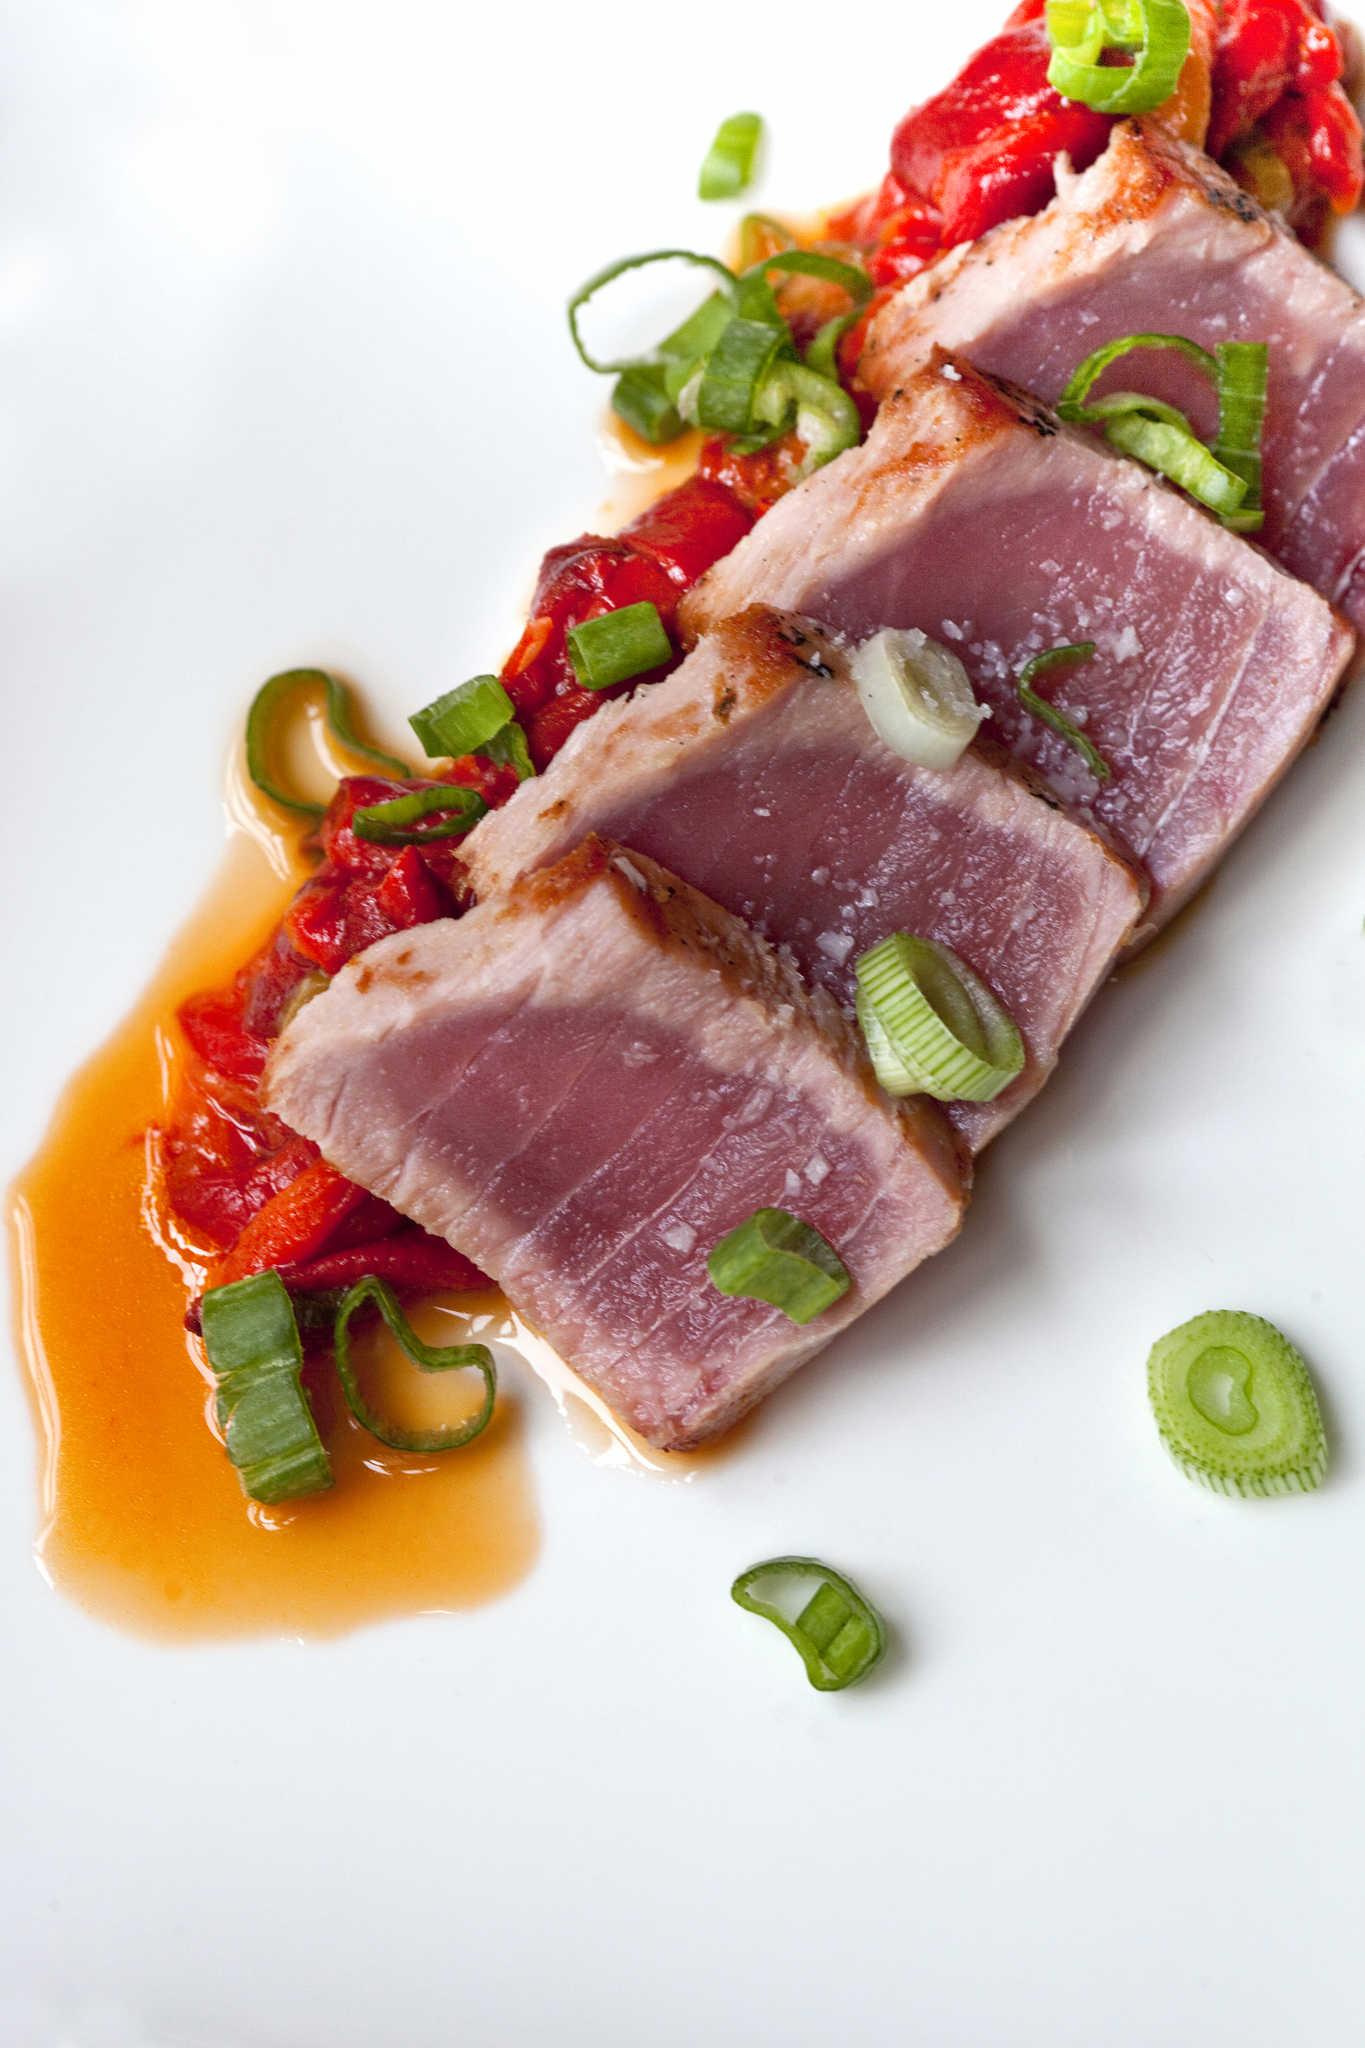 yağlı soslu ton balığı, kireçlenme tedavisi